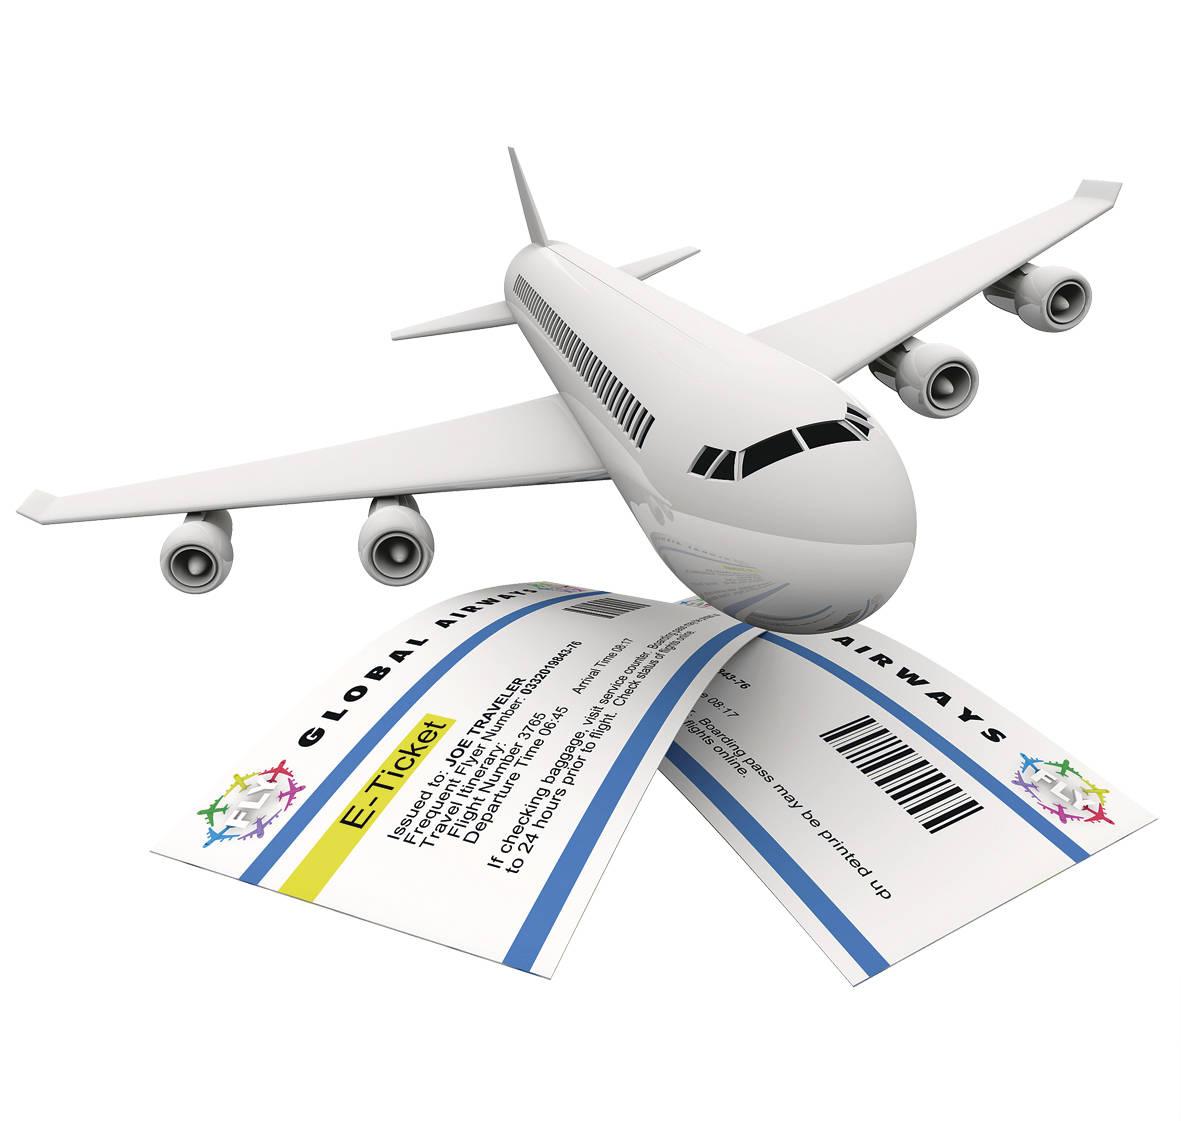 deshevye aviabilety v ssha - Билеты лоукосты на самолет